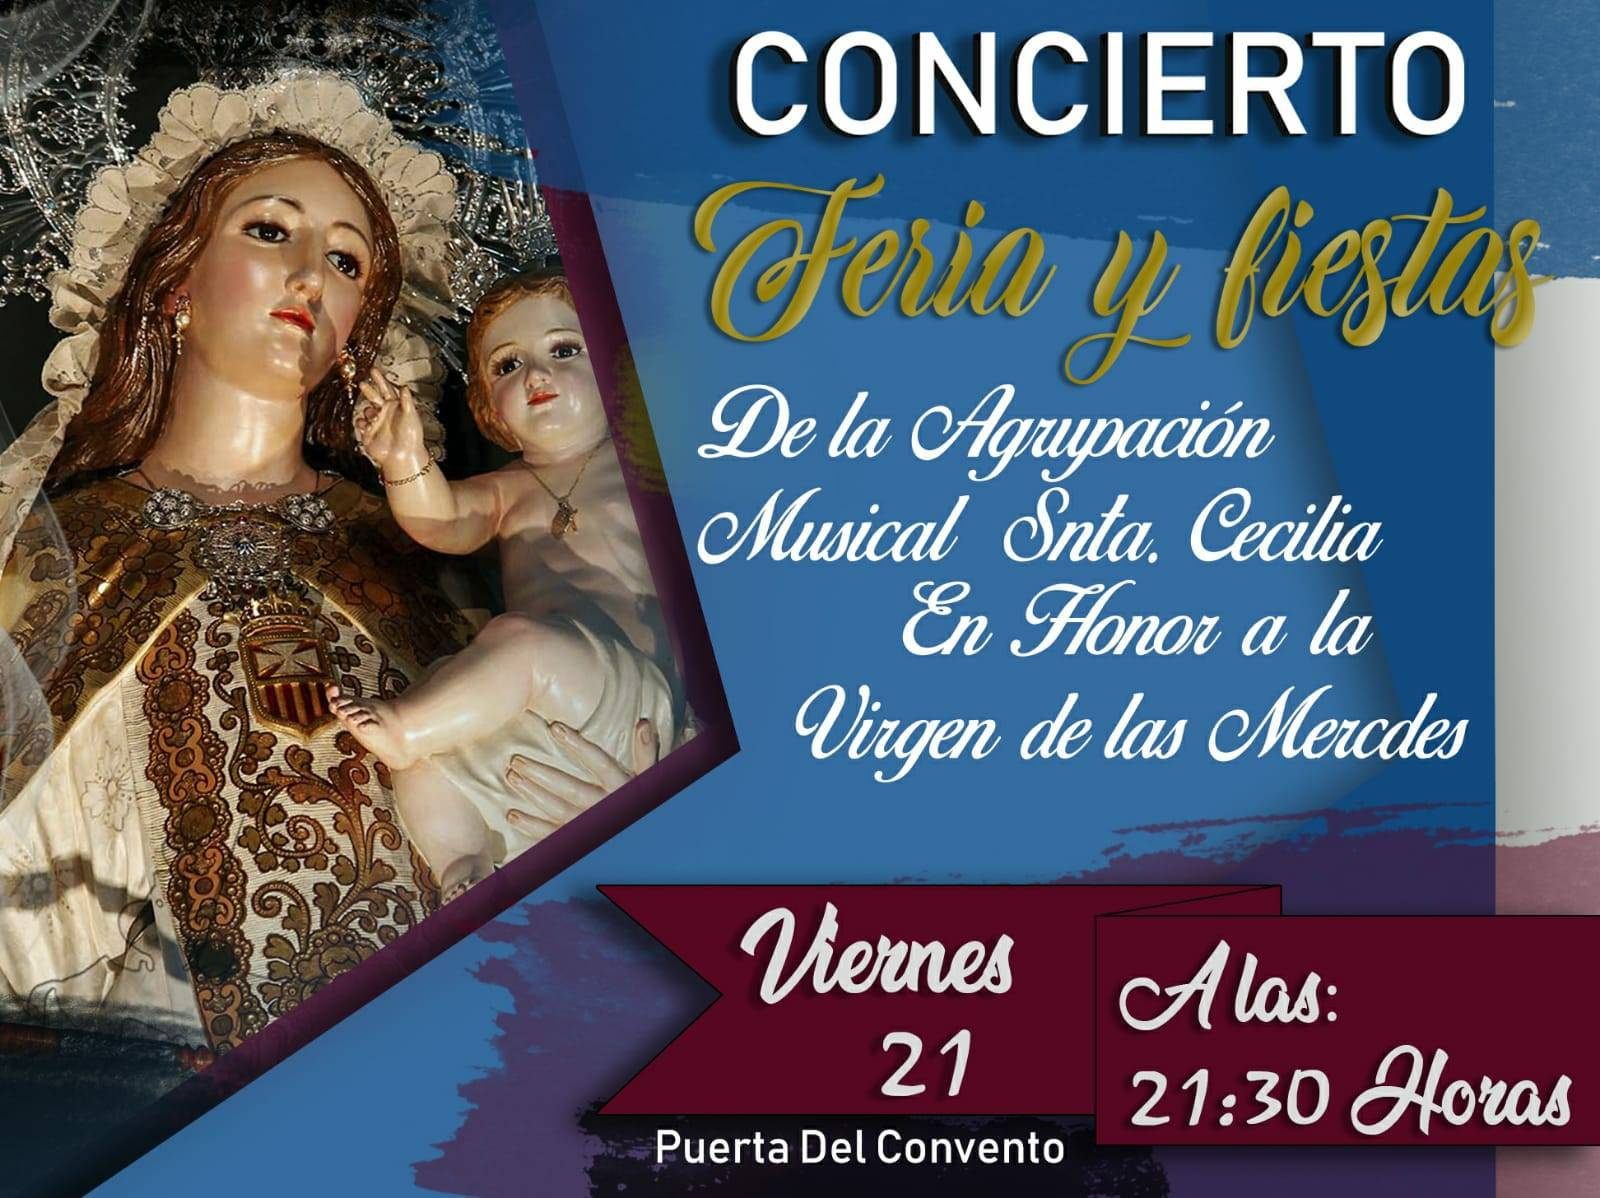 concierto de feria de la agrupación musical Santa Cecilia - Concierto de feria de la agrupación musical Santa Cecilia